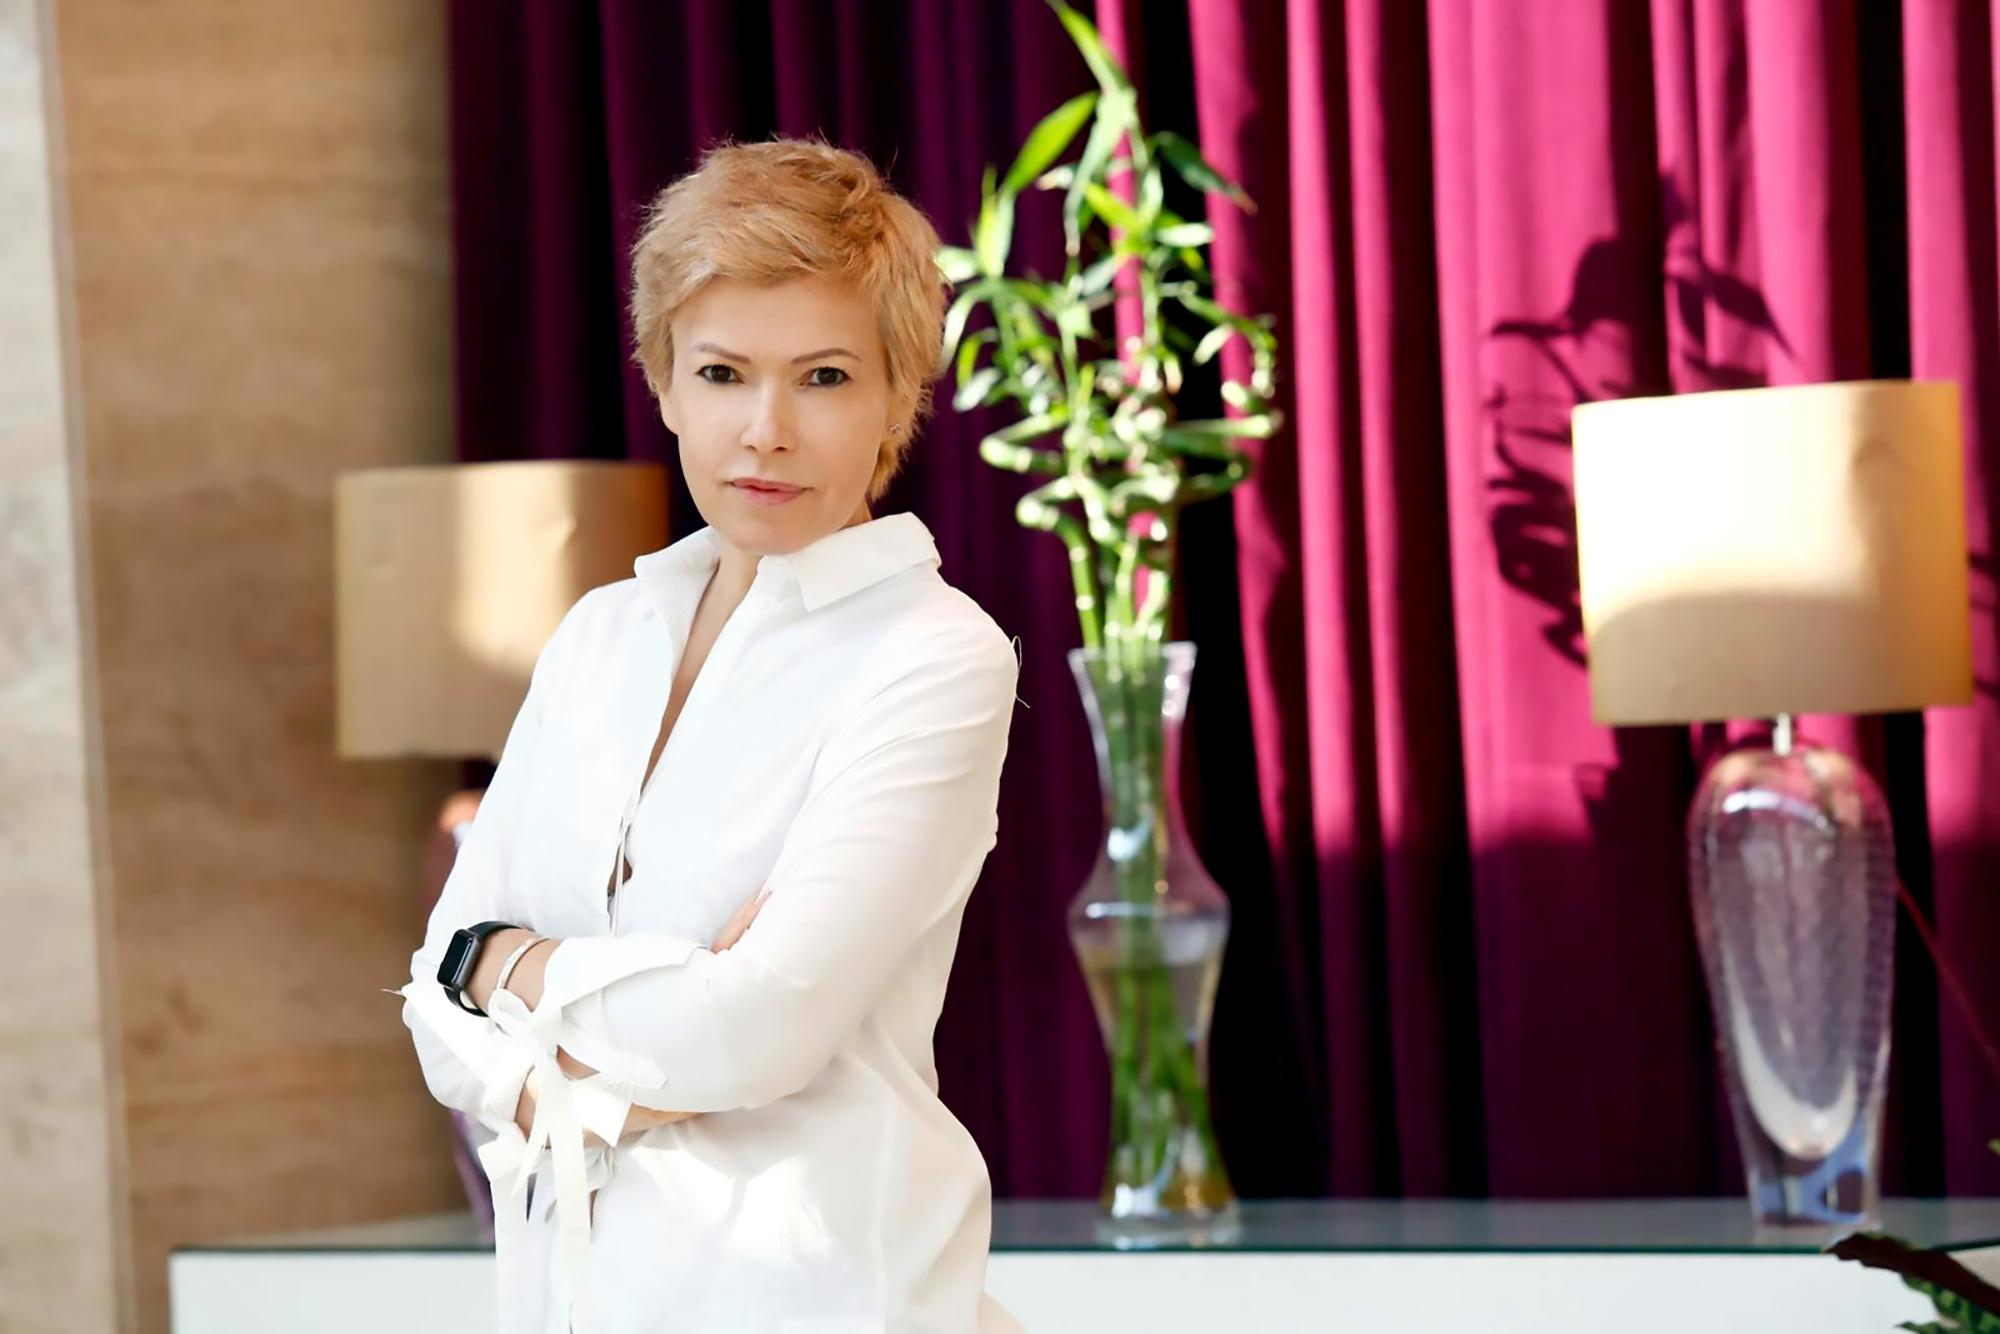 Tanja Tatomirović